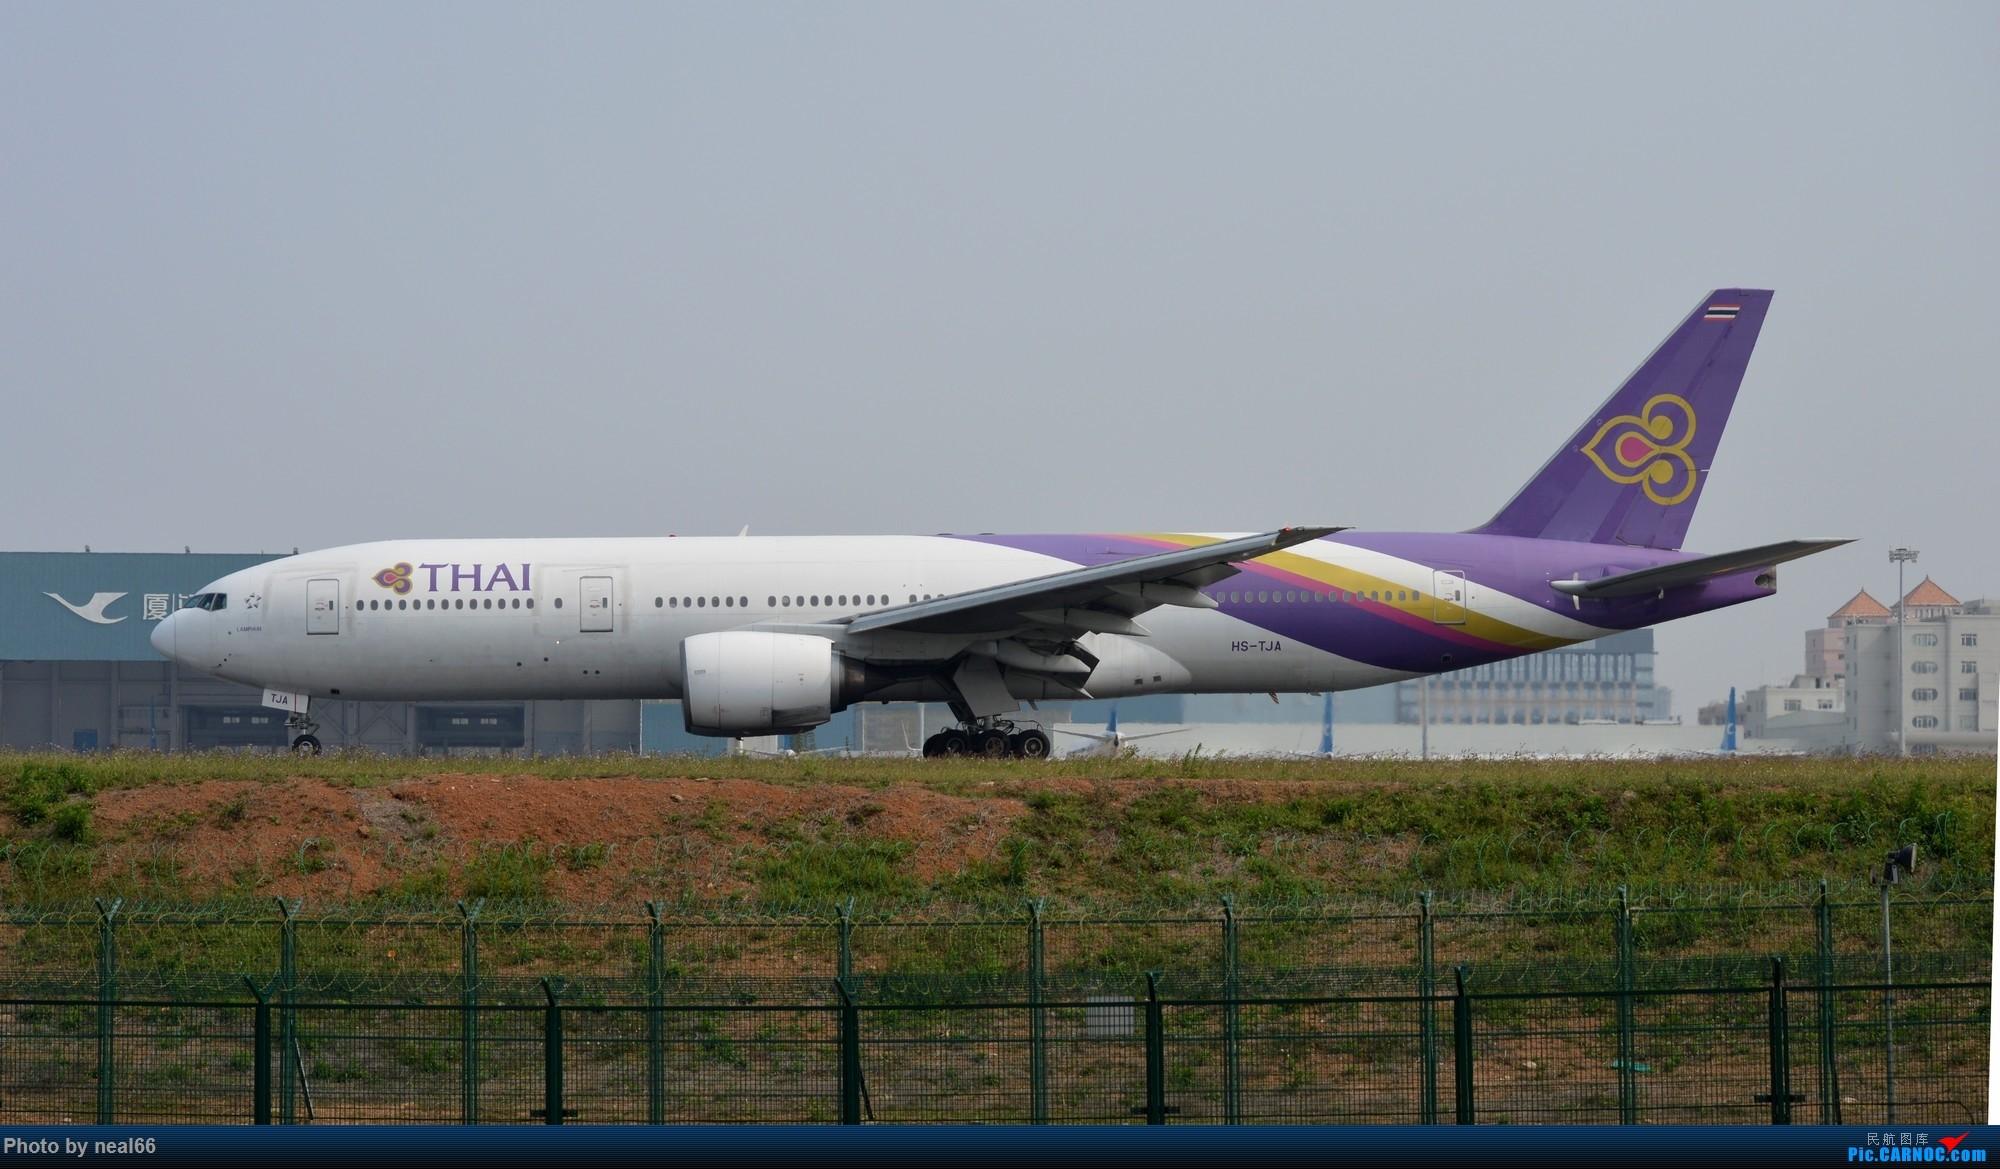 Re:[原创]厦门机场19年3月最后一天 777 HS-TJA 中国厦门高崎国际机场